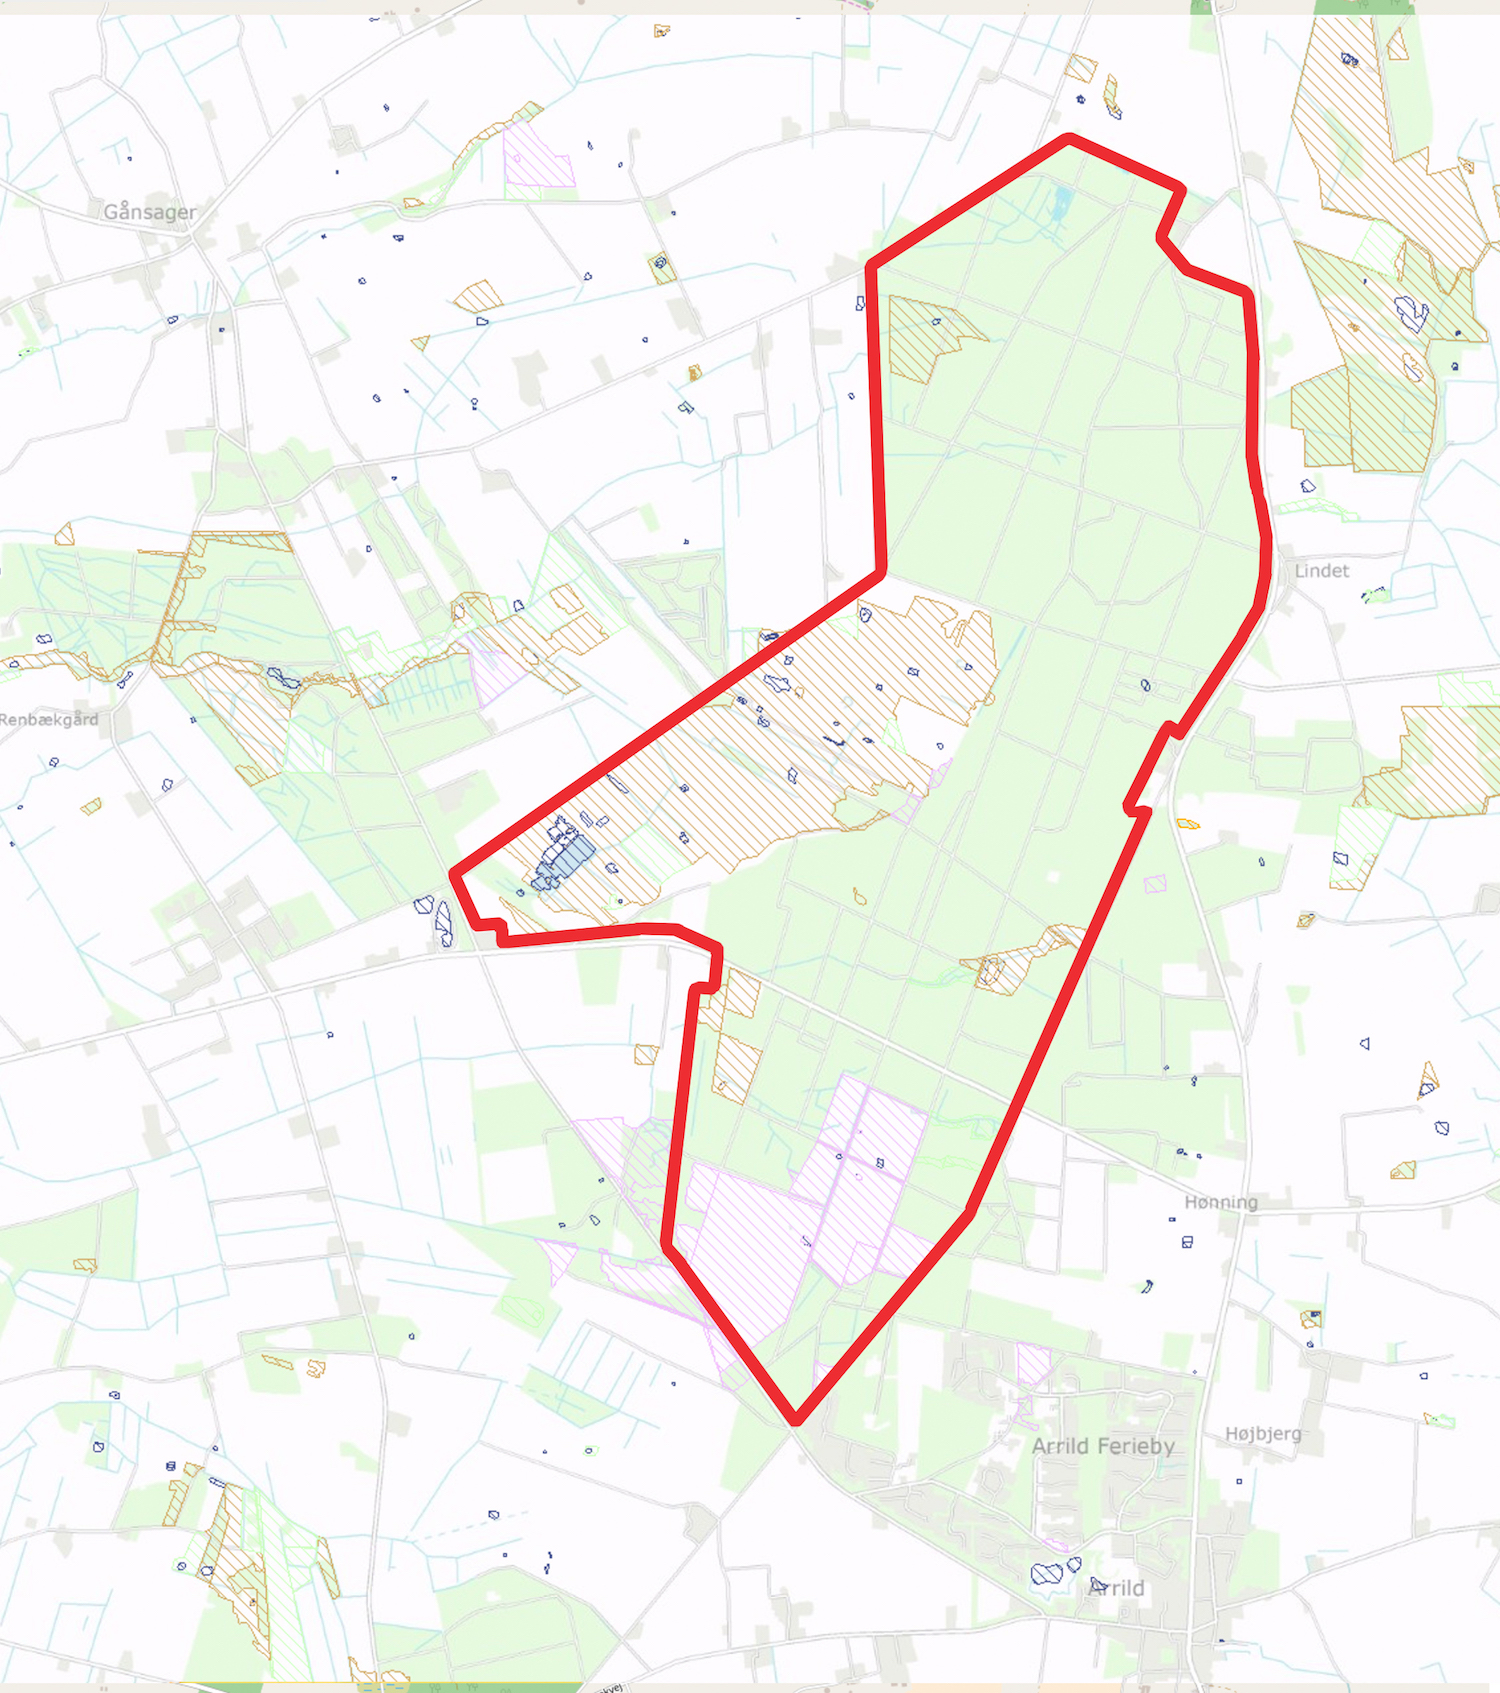 Hovedparten af forslaget til Naturnationalpark Lindet Skov & Hønning Mose er skov, der bør udlægges som vildskov (såkaldt urørt skov), men Hønning Mose er ét stort paragraf 3-areal, der er beskyttet i henhold til Naturbeskyttelsesloven.